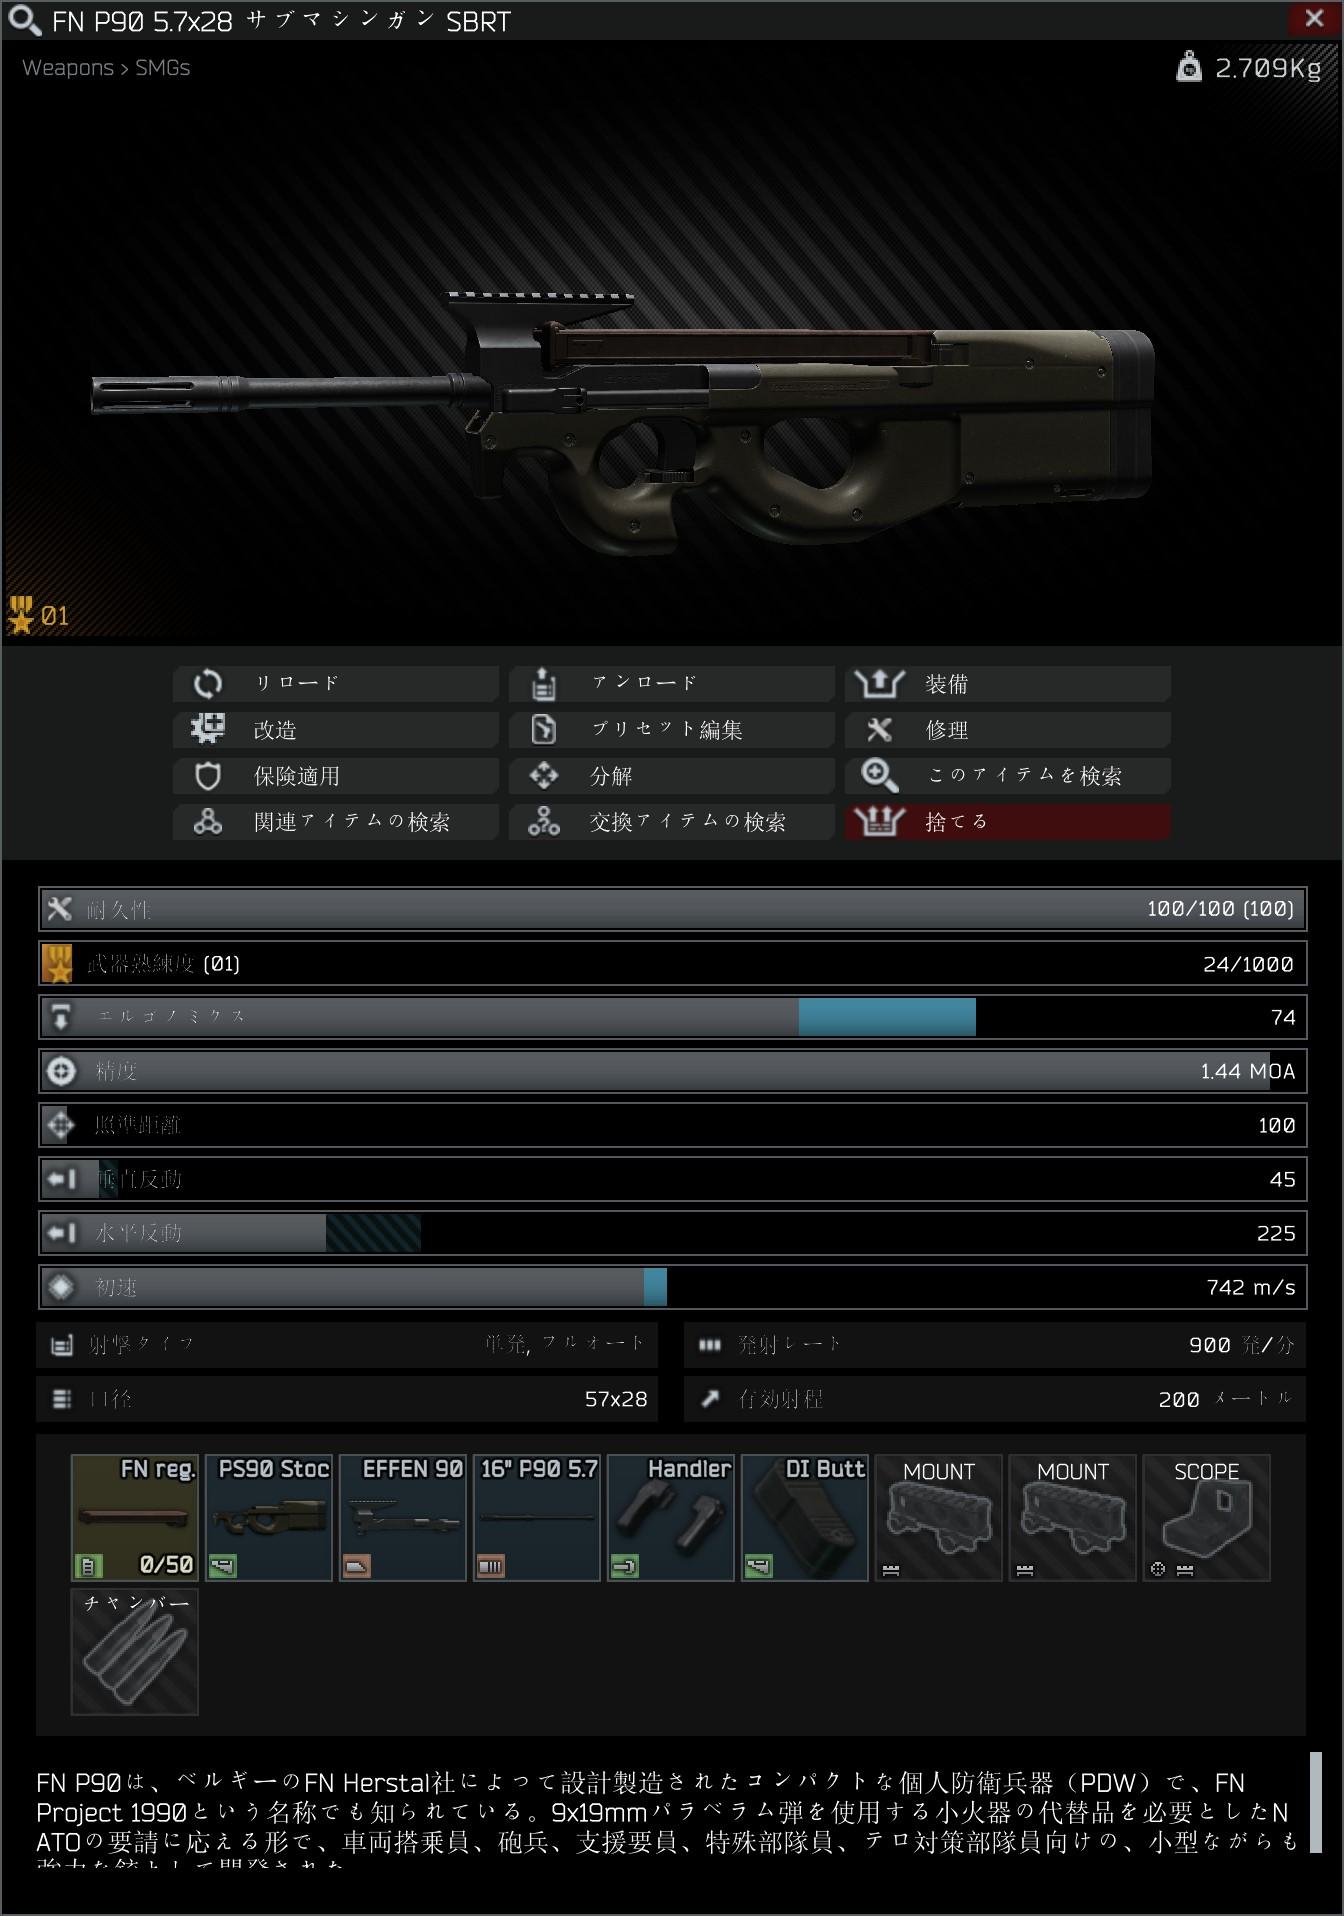 P90 SBRT.jpg